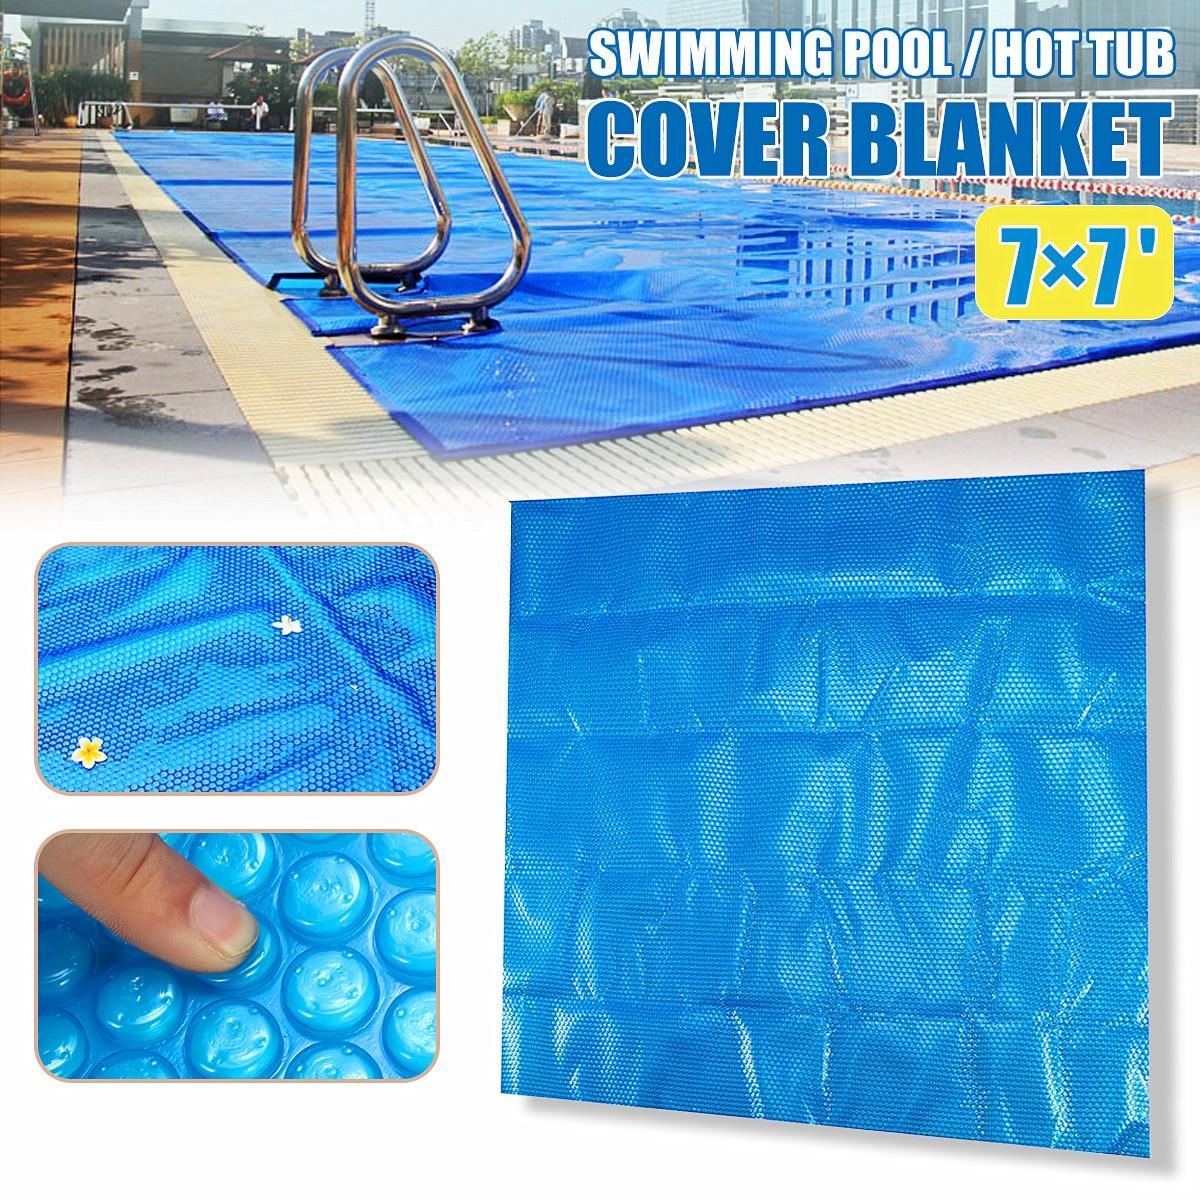 210x210 cm Carré Piscine jacuzzi Couverture Couverture pour Piscine Antipoussière étanche À La Pluie Et Parasol Couvercle à la Natation piscine